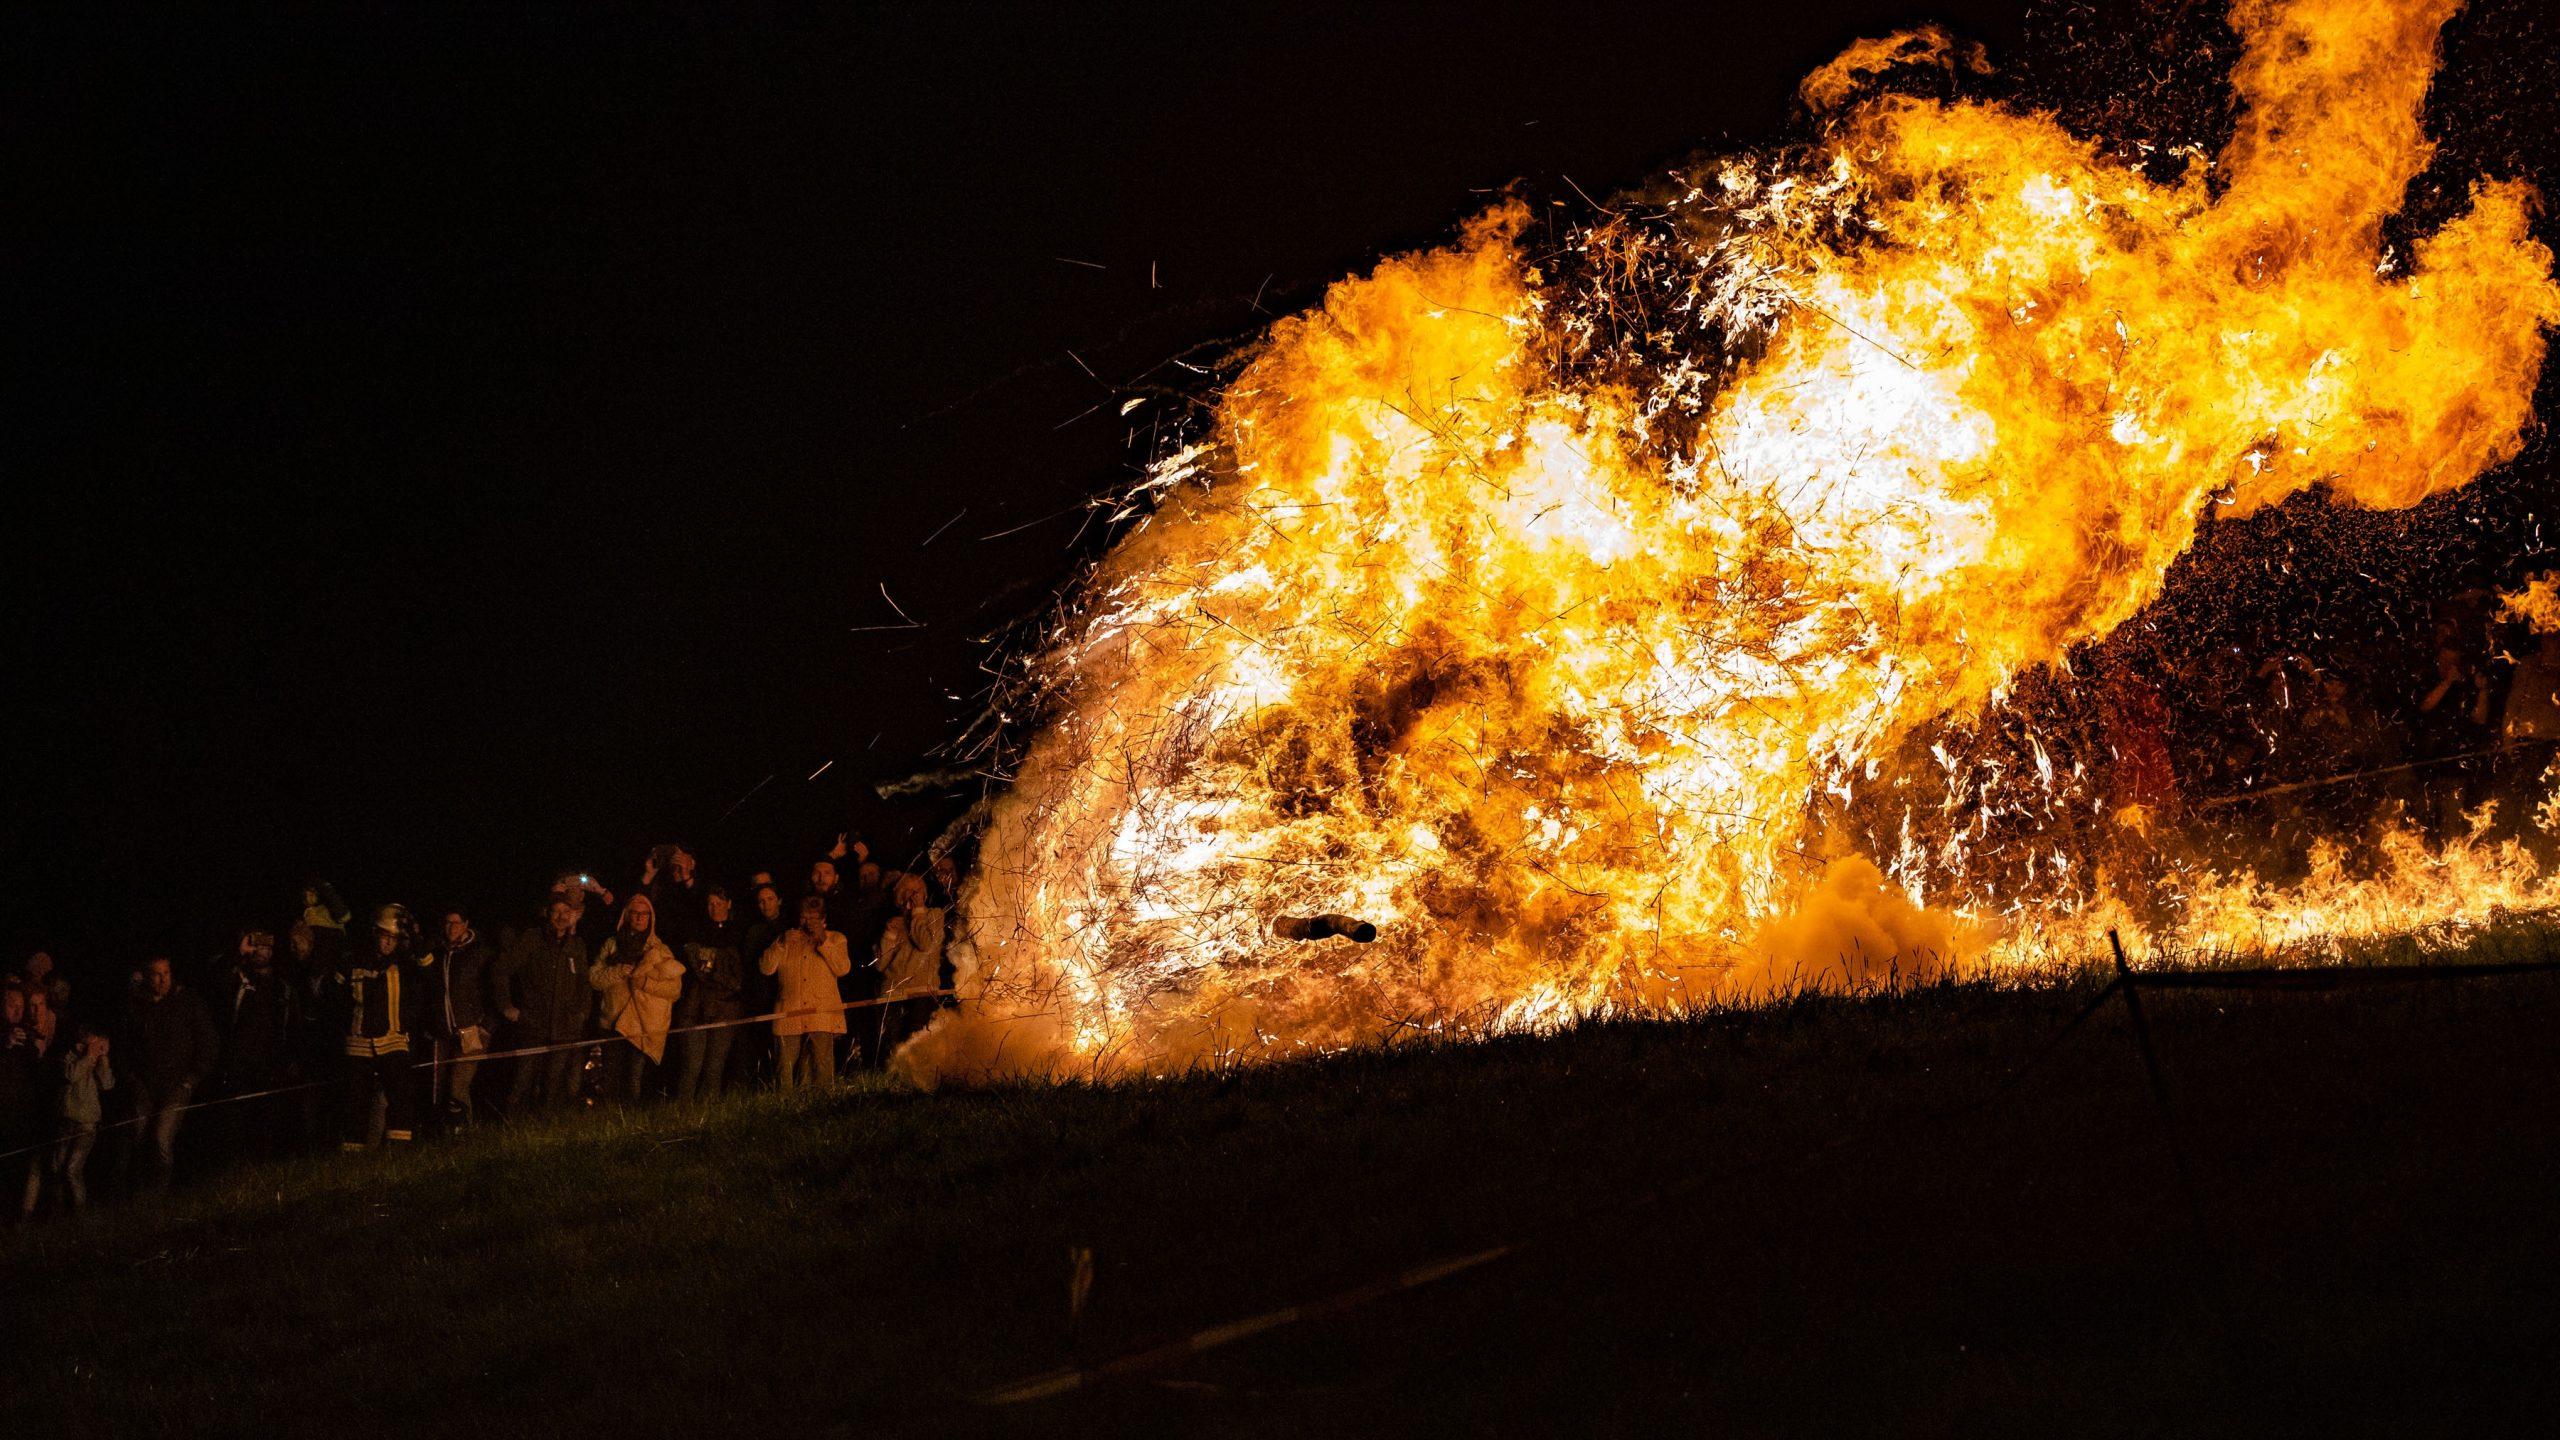 Bestes Foto des brennenden Osterrads in Lügde